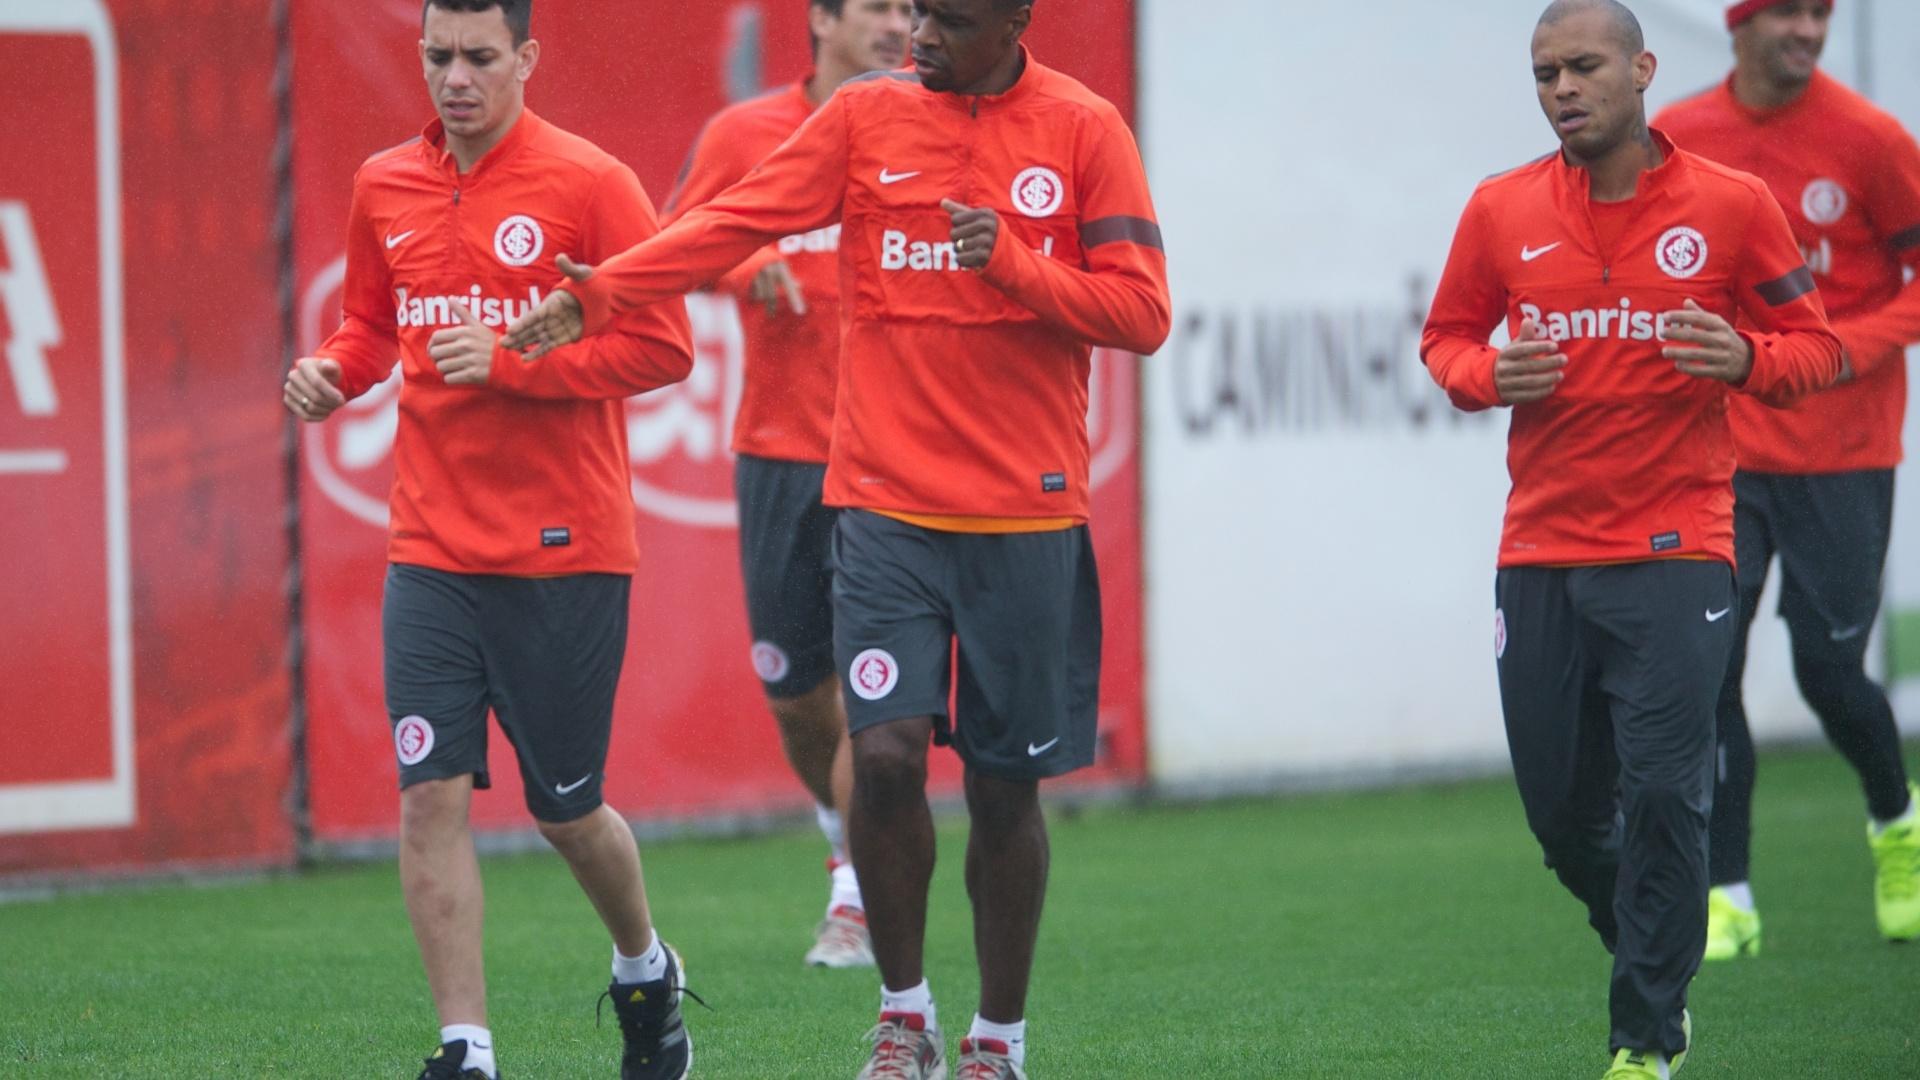 Zagueiro Juan, atacante Caio e lateral direito Gabriel correram no CT do Parque Gigante em treino do Inter (23/09/2013)